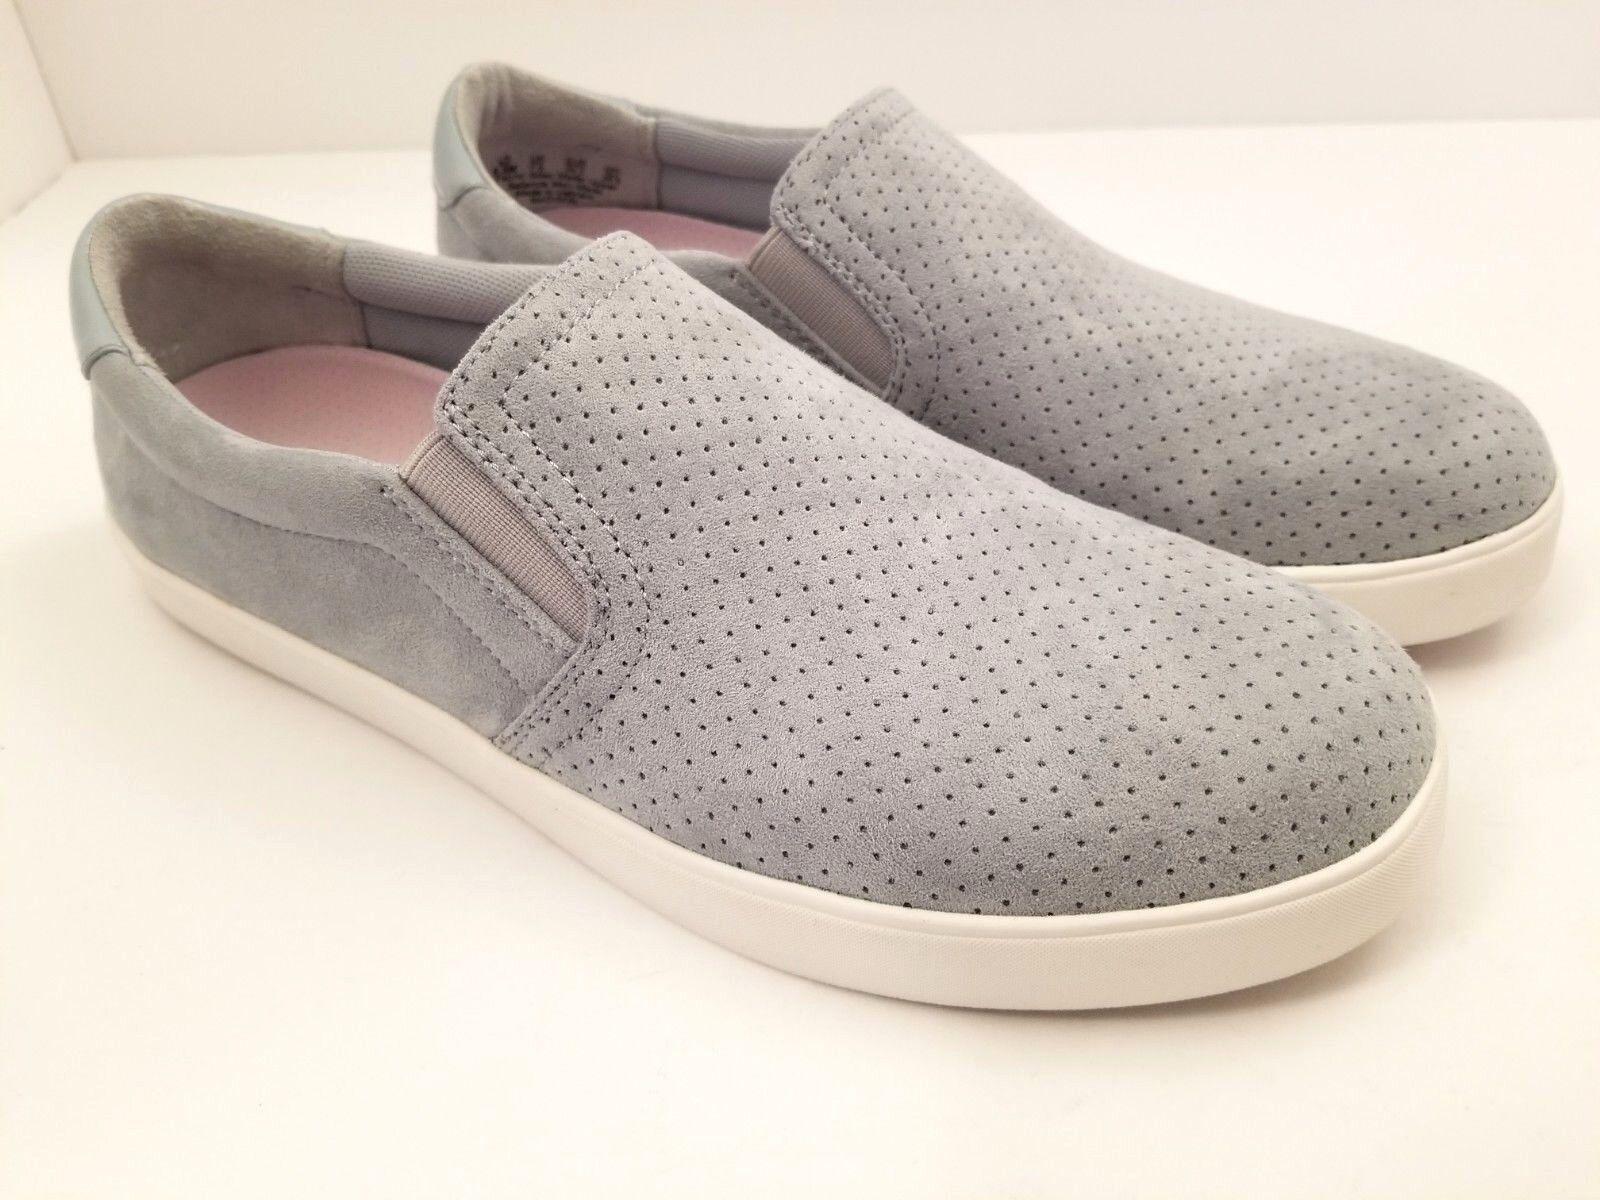 Dr Azul Scholls Madison LT lavado Azul Dr Cuero Resbalón en Zapatillas Zapatos para mujer Talla 9.5 f4c976